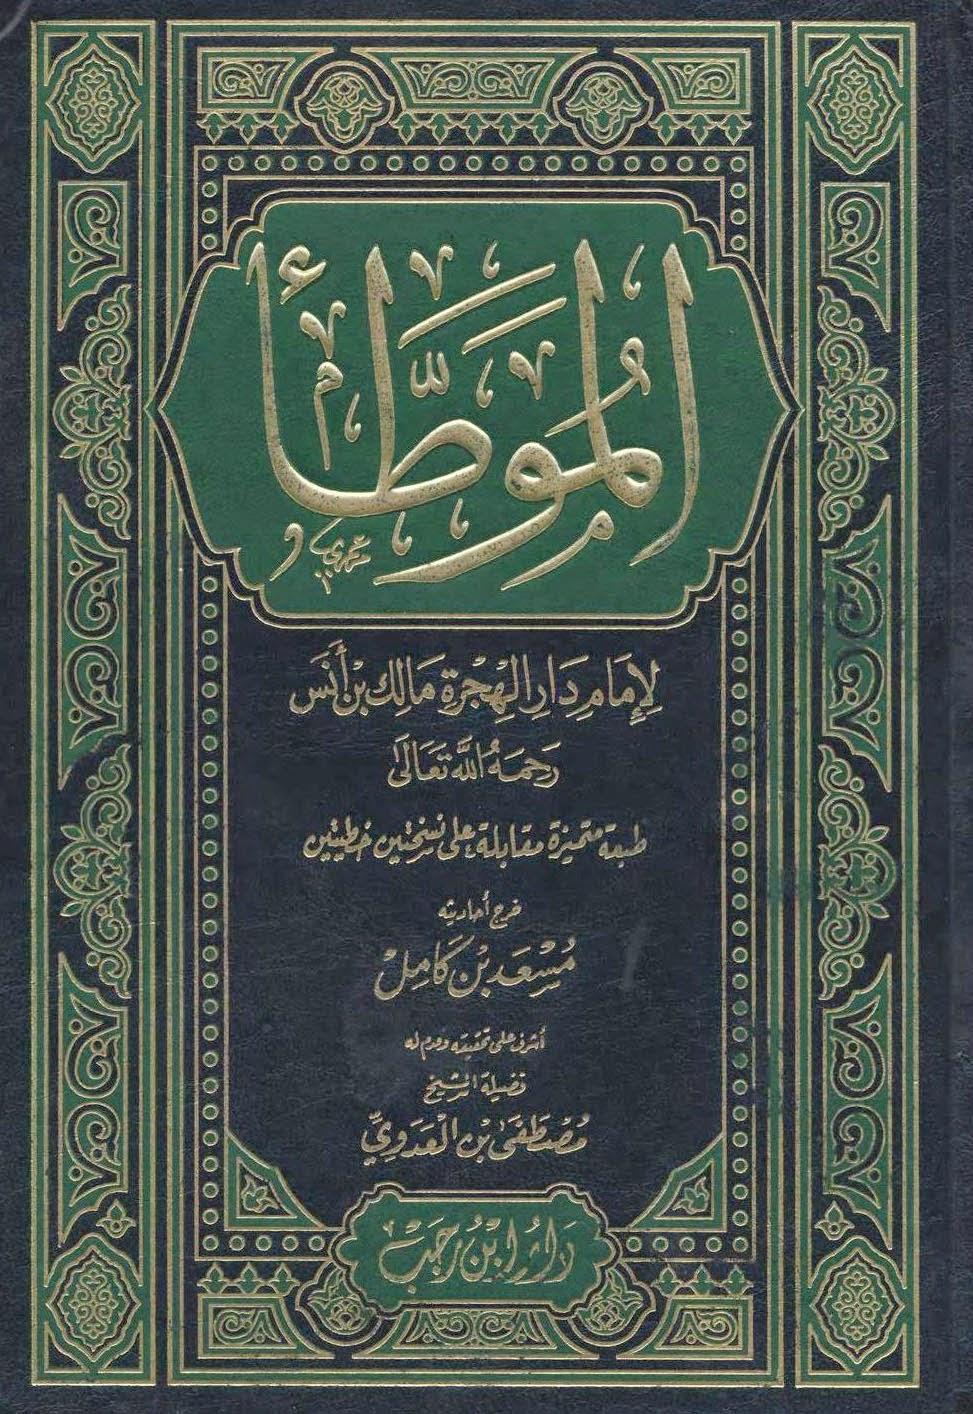 sejarah singkat imam malik, biografi imam malik, profil imam malik, sejarah imam maliki, sejarah imam hadits, sejarah imam fiqh